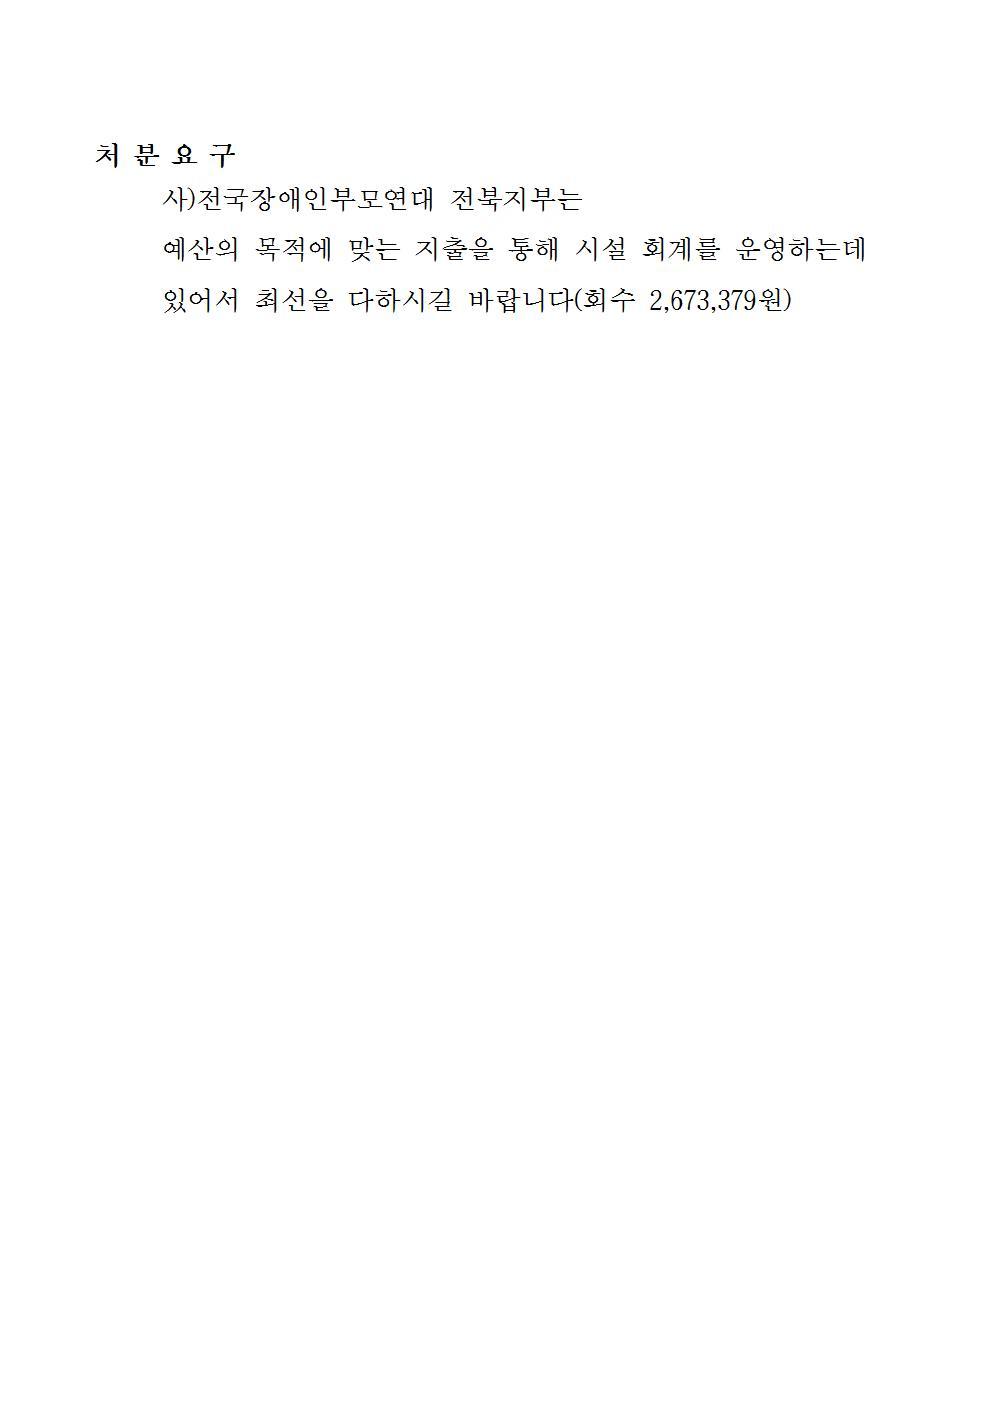 붙임) 처분요구서_전주시 생활복지과-37898(2017.9.1)호(공개용)024.jpg